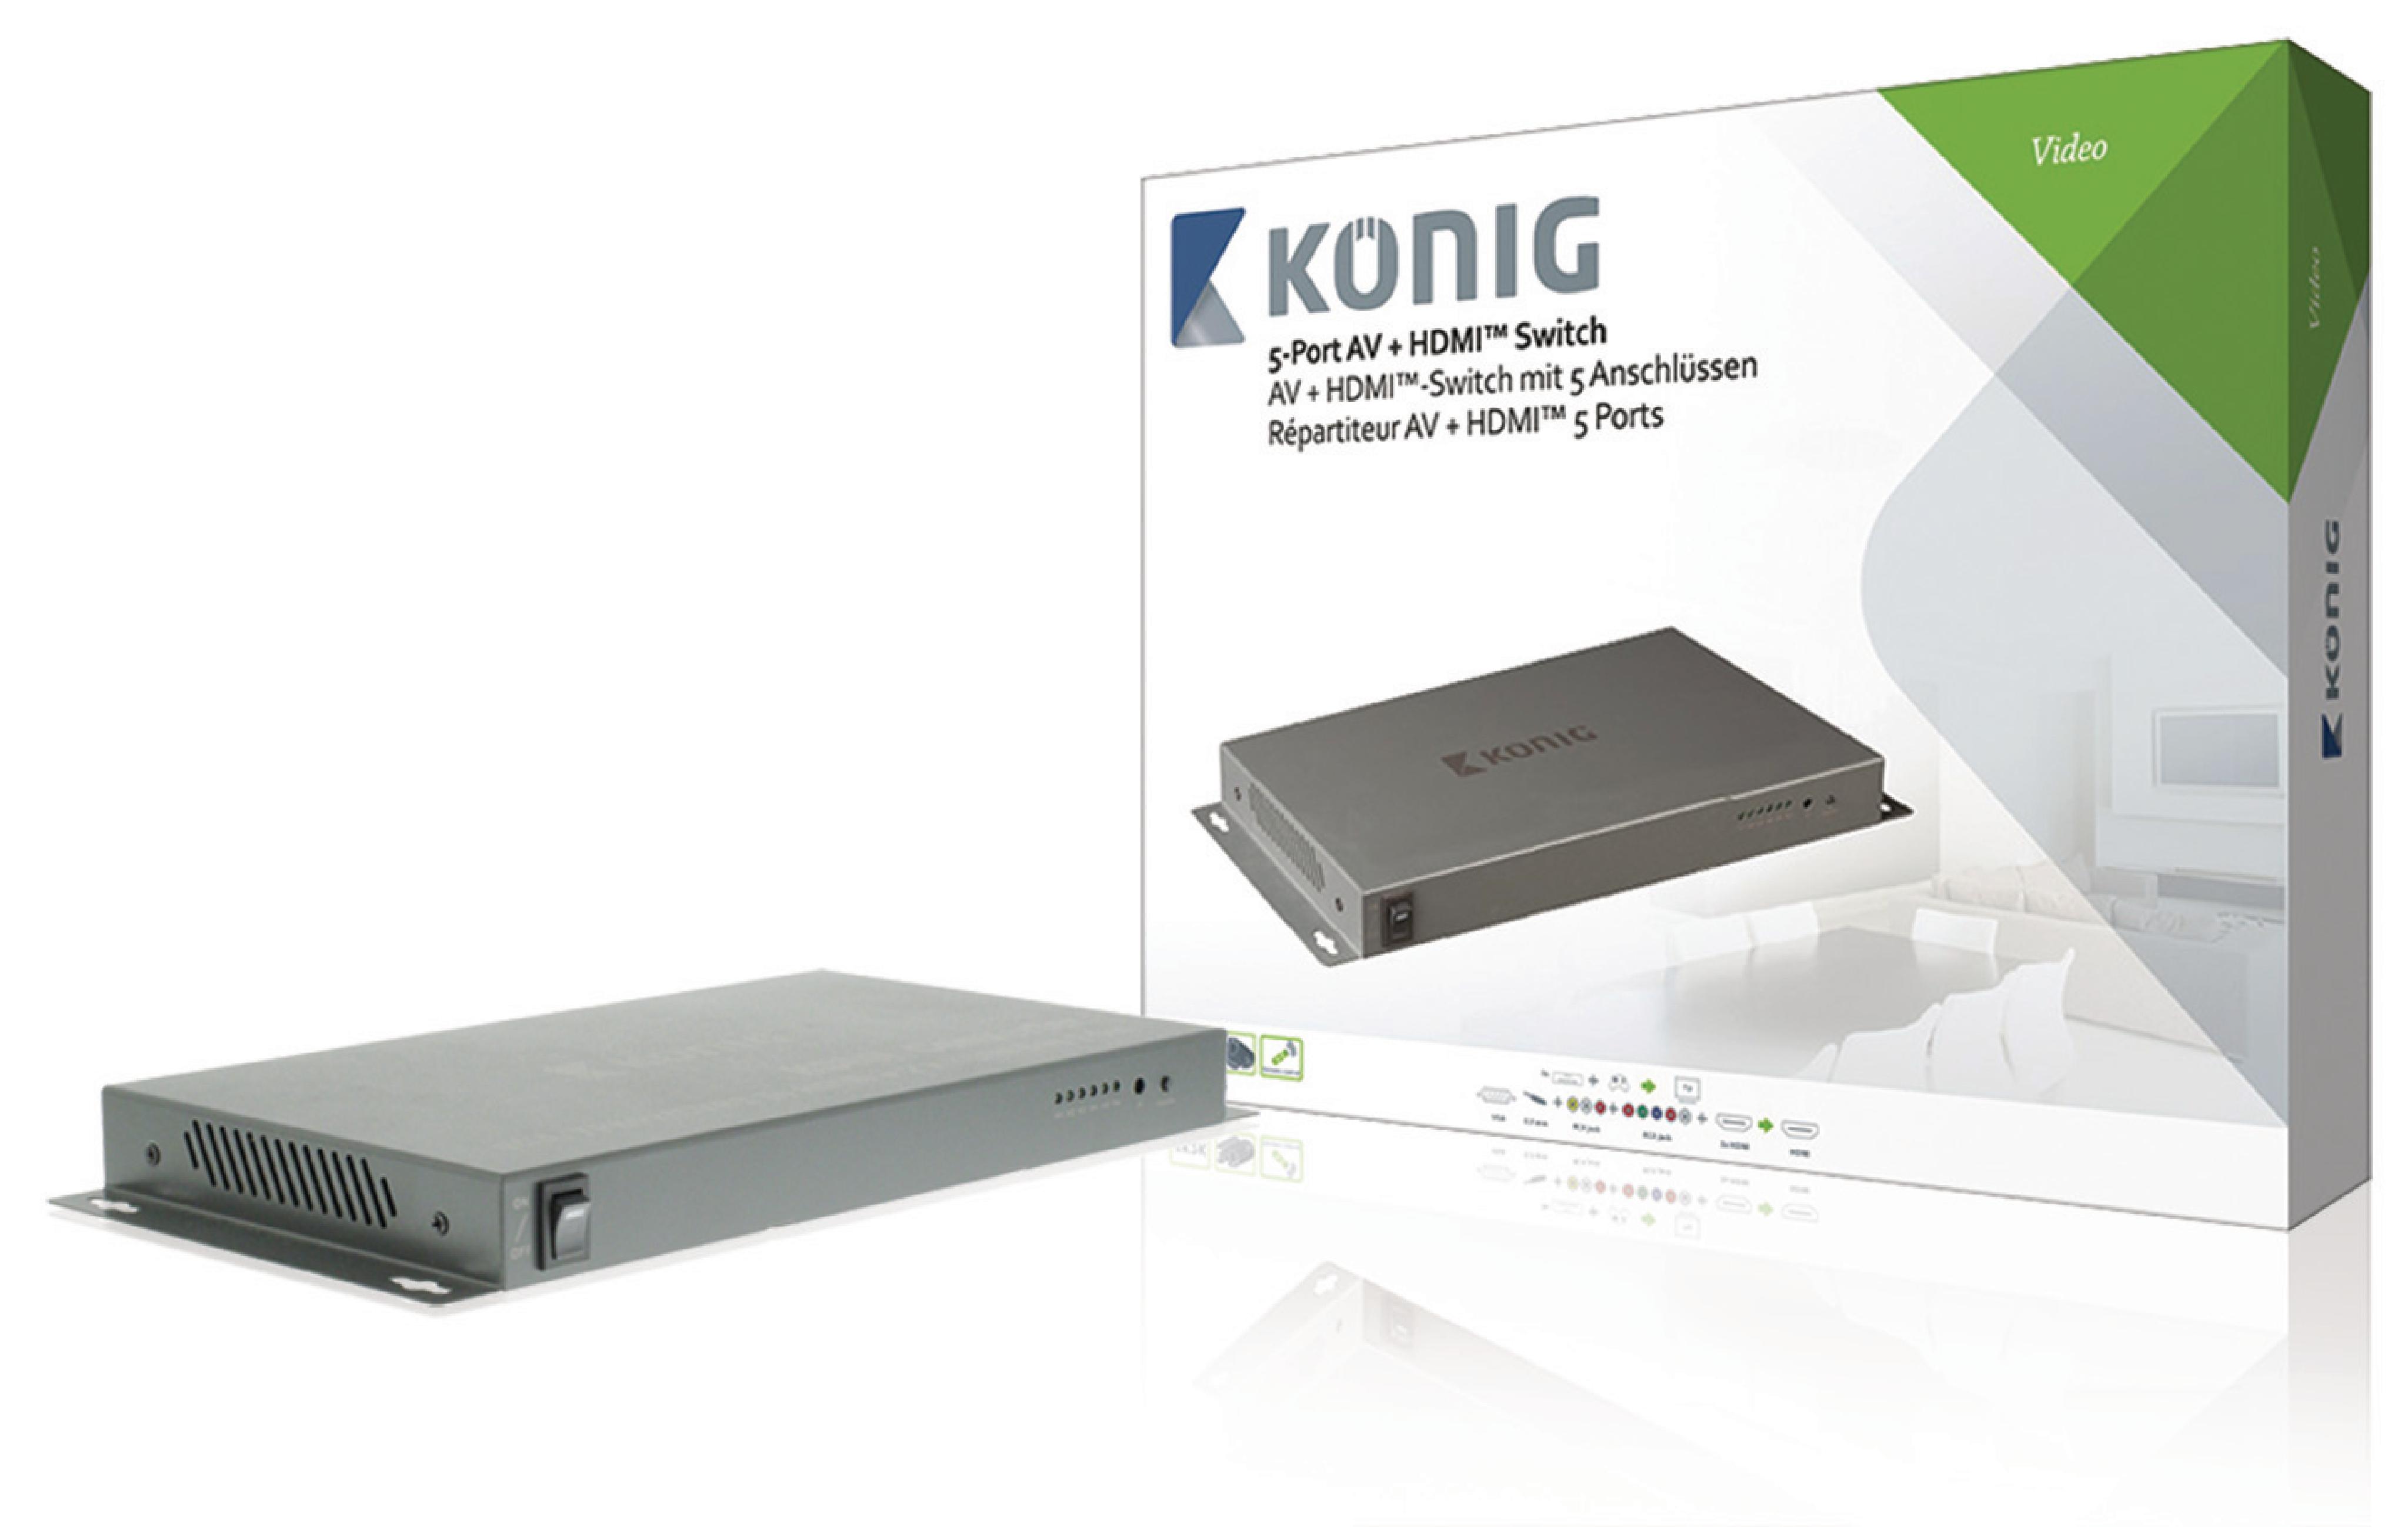 HDMI 4K2K přepínač 5 vstupů na 1 výstup König KNVSW3425